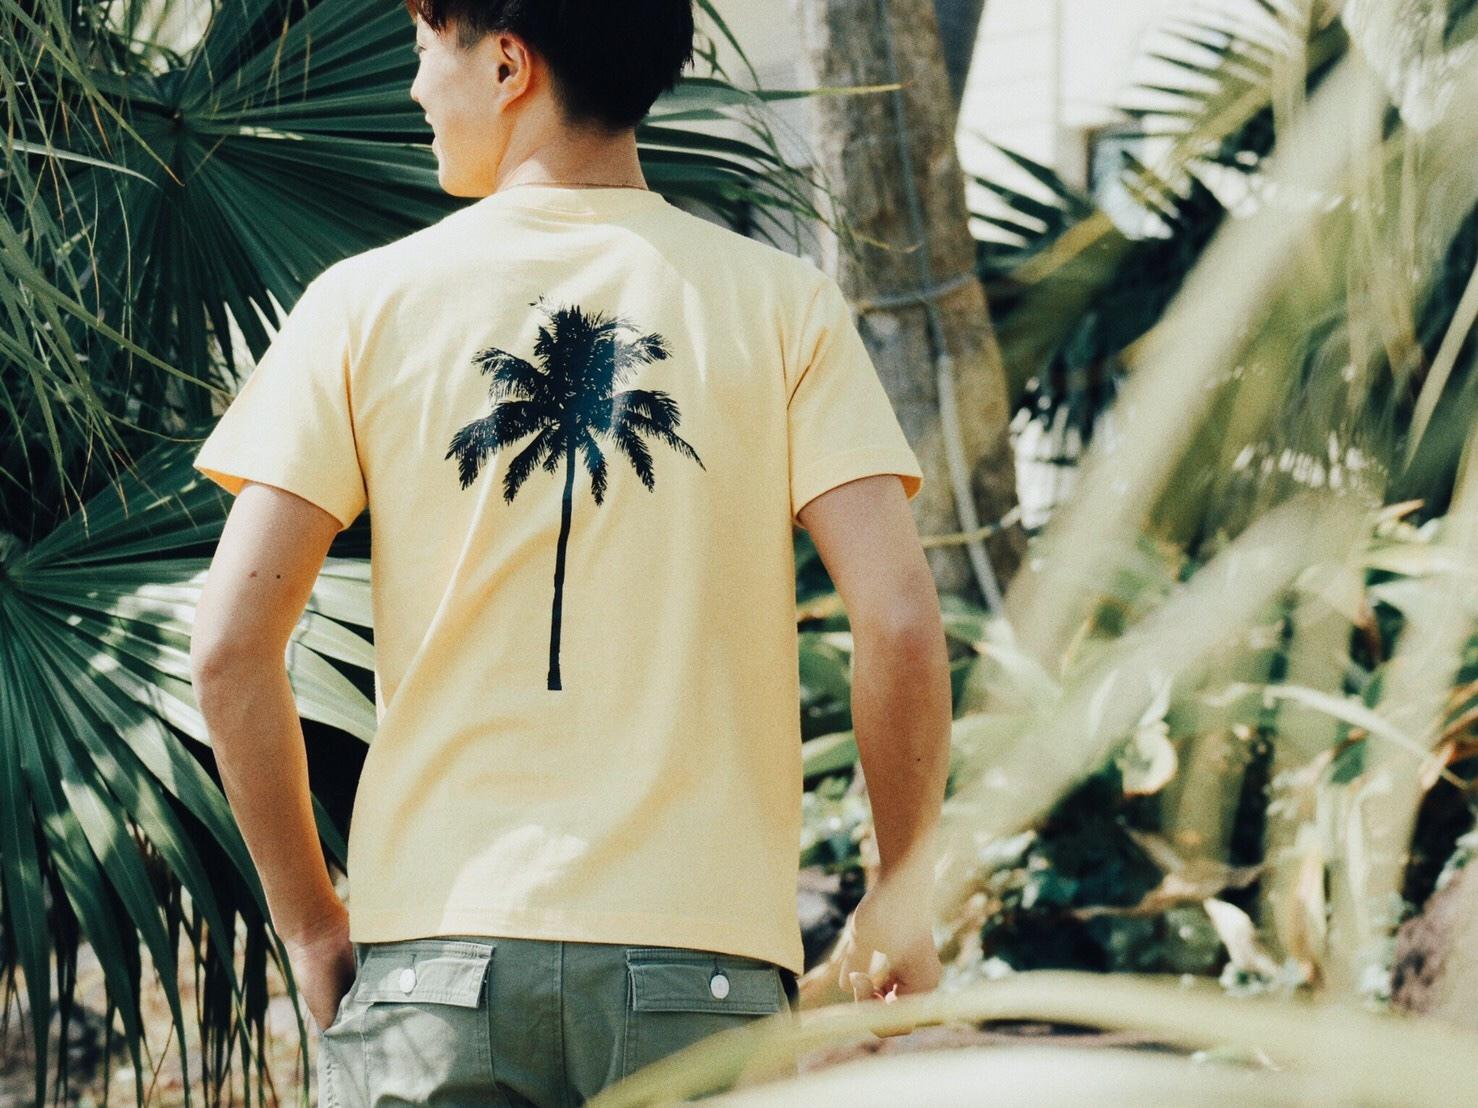 【7/10 21:00再入荷】(Fine7月号掲載) Palm tree Tシャツ (vintage yellow)